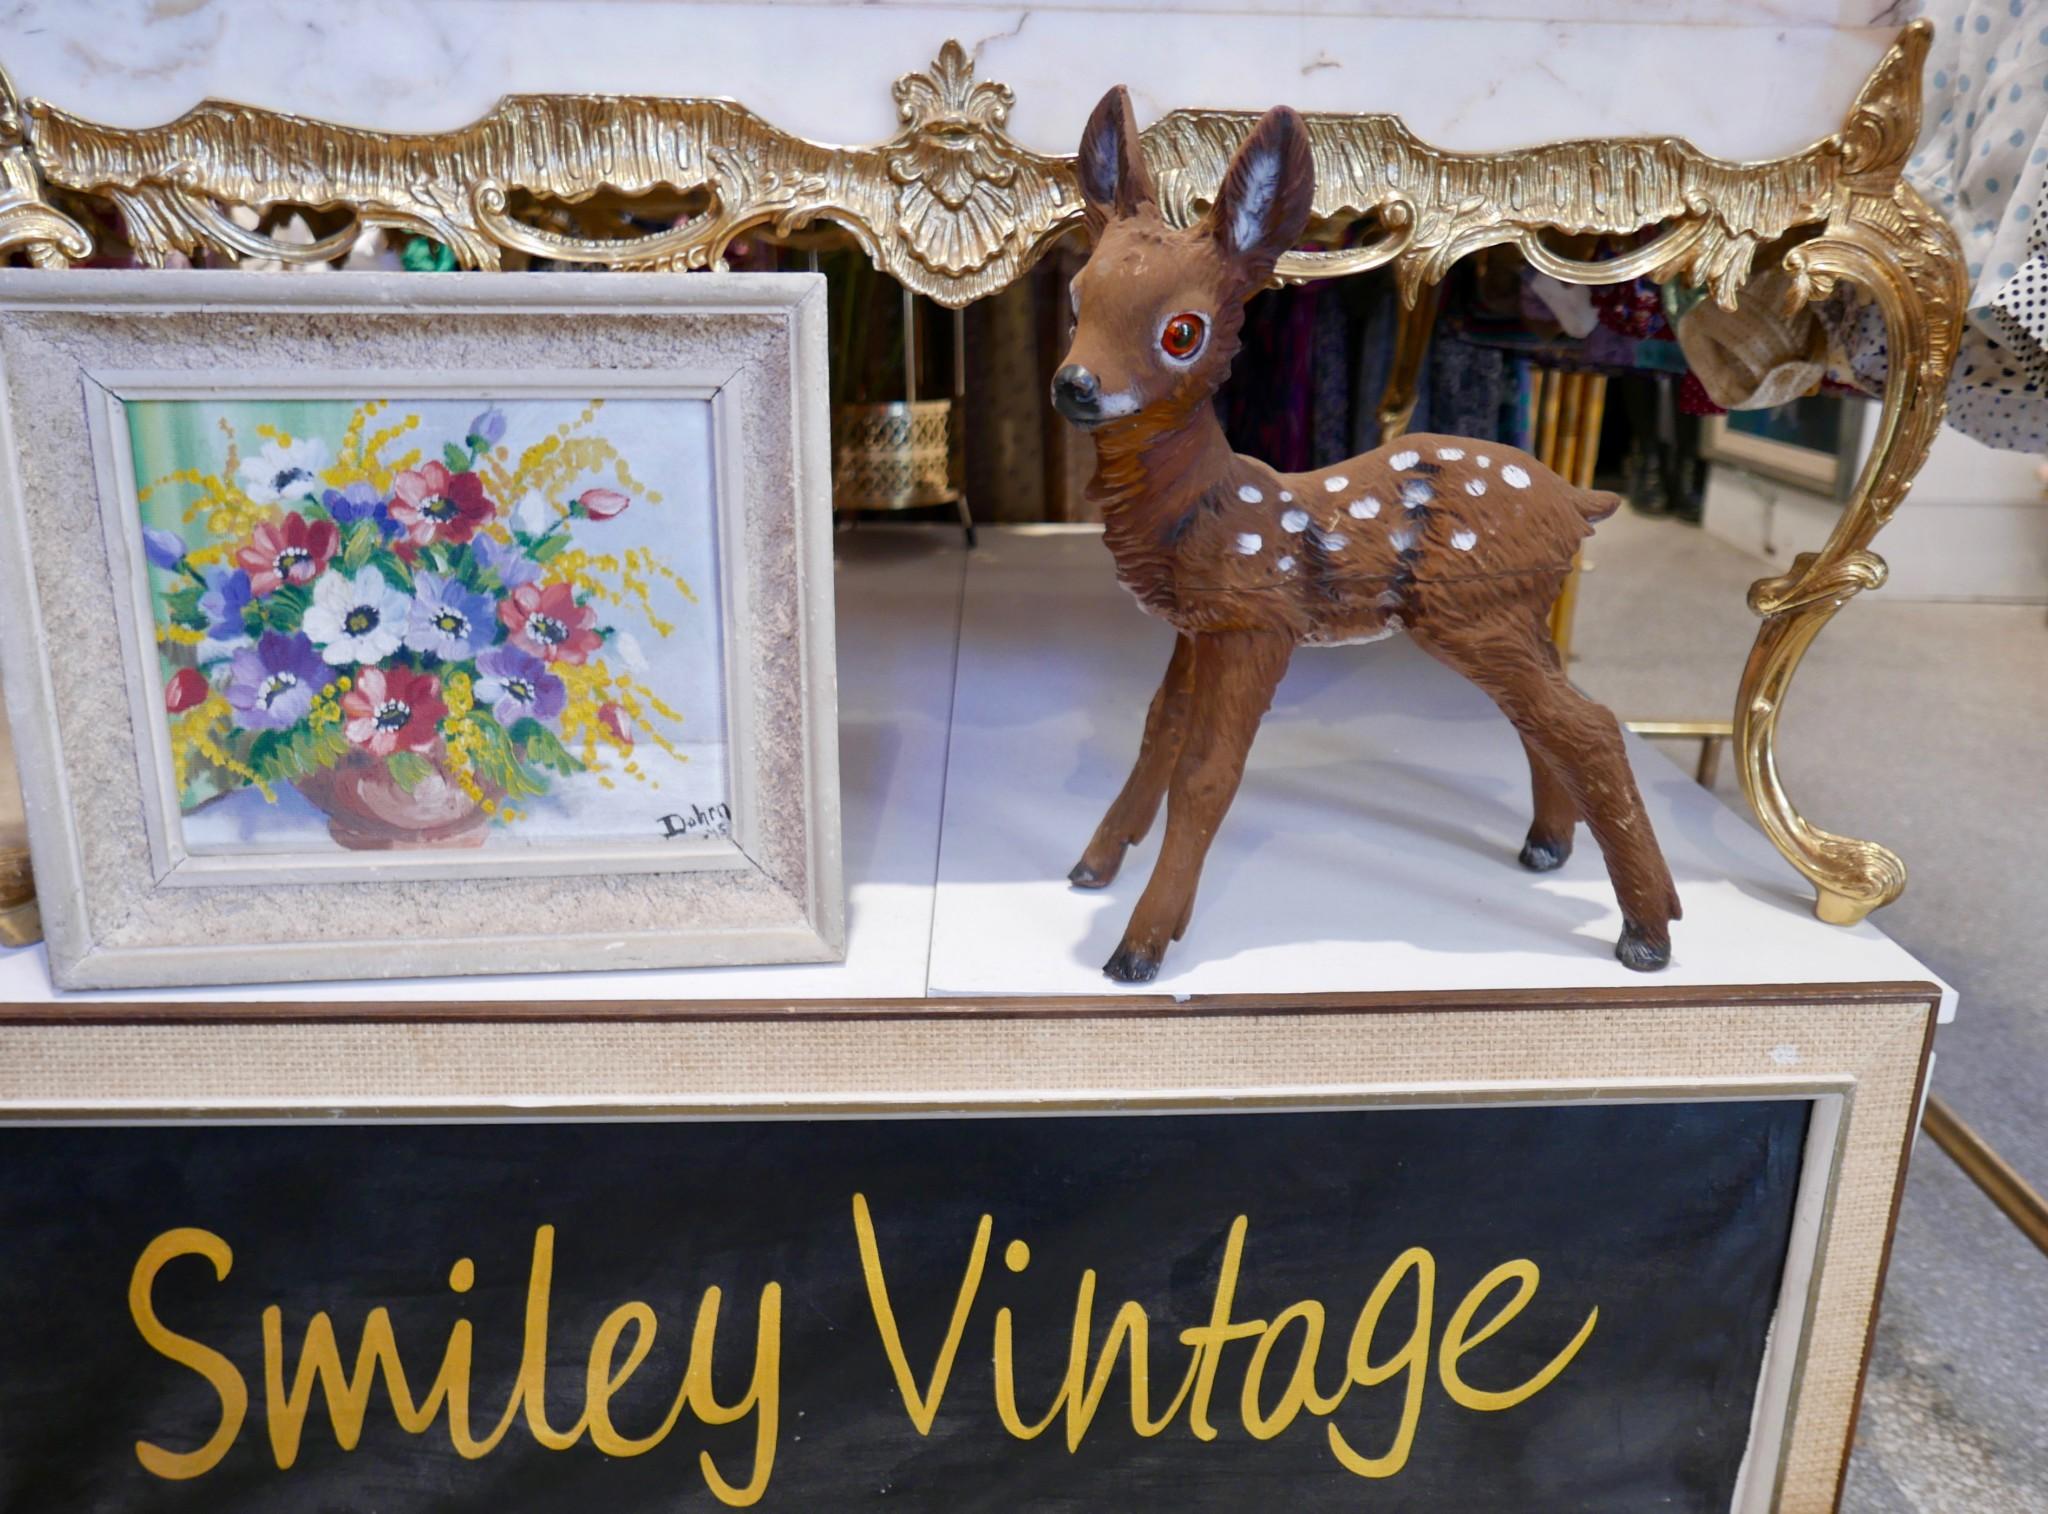 smiley-vintage-deer-stockholm